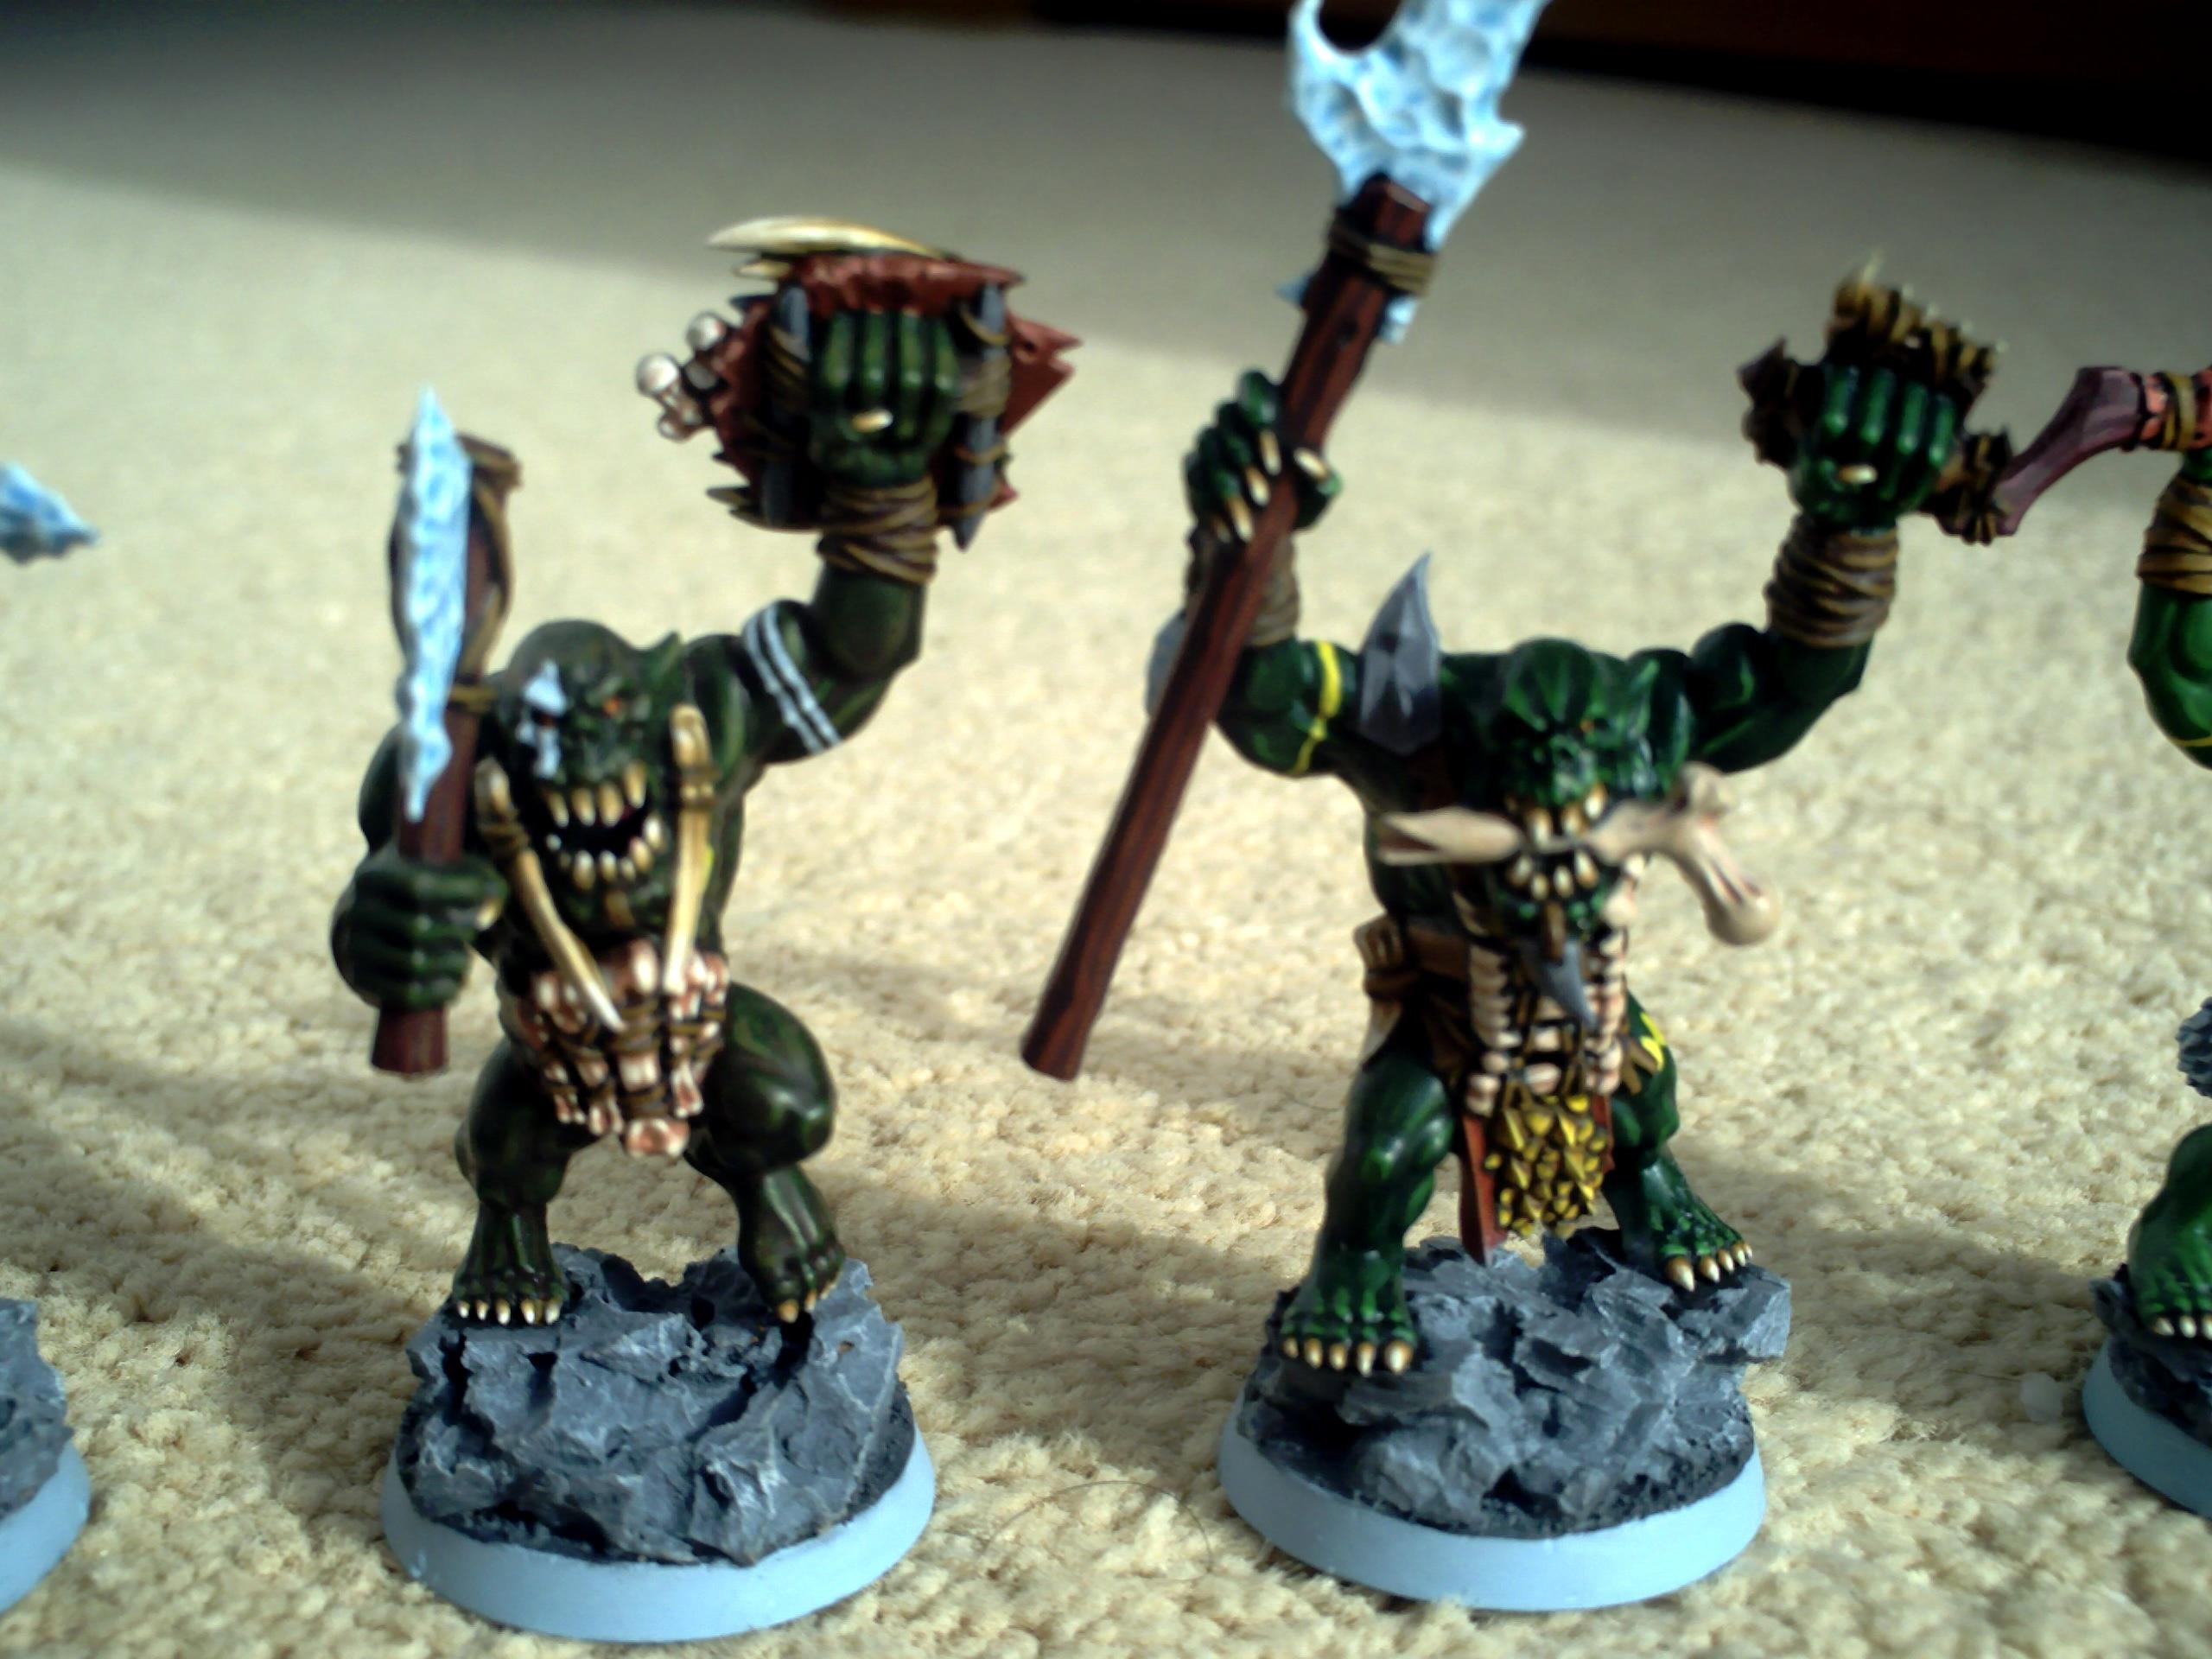 Feral, Orcs, Savage, Boyz 3 + 4 (front)